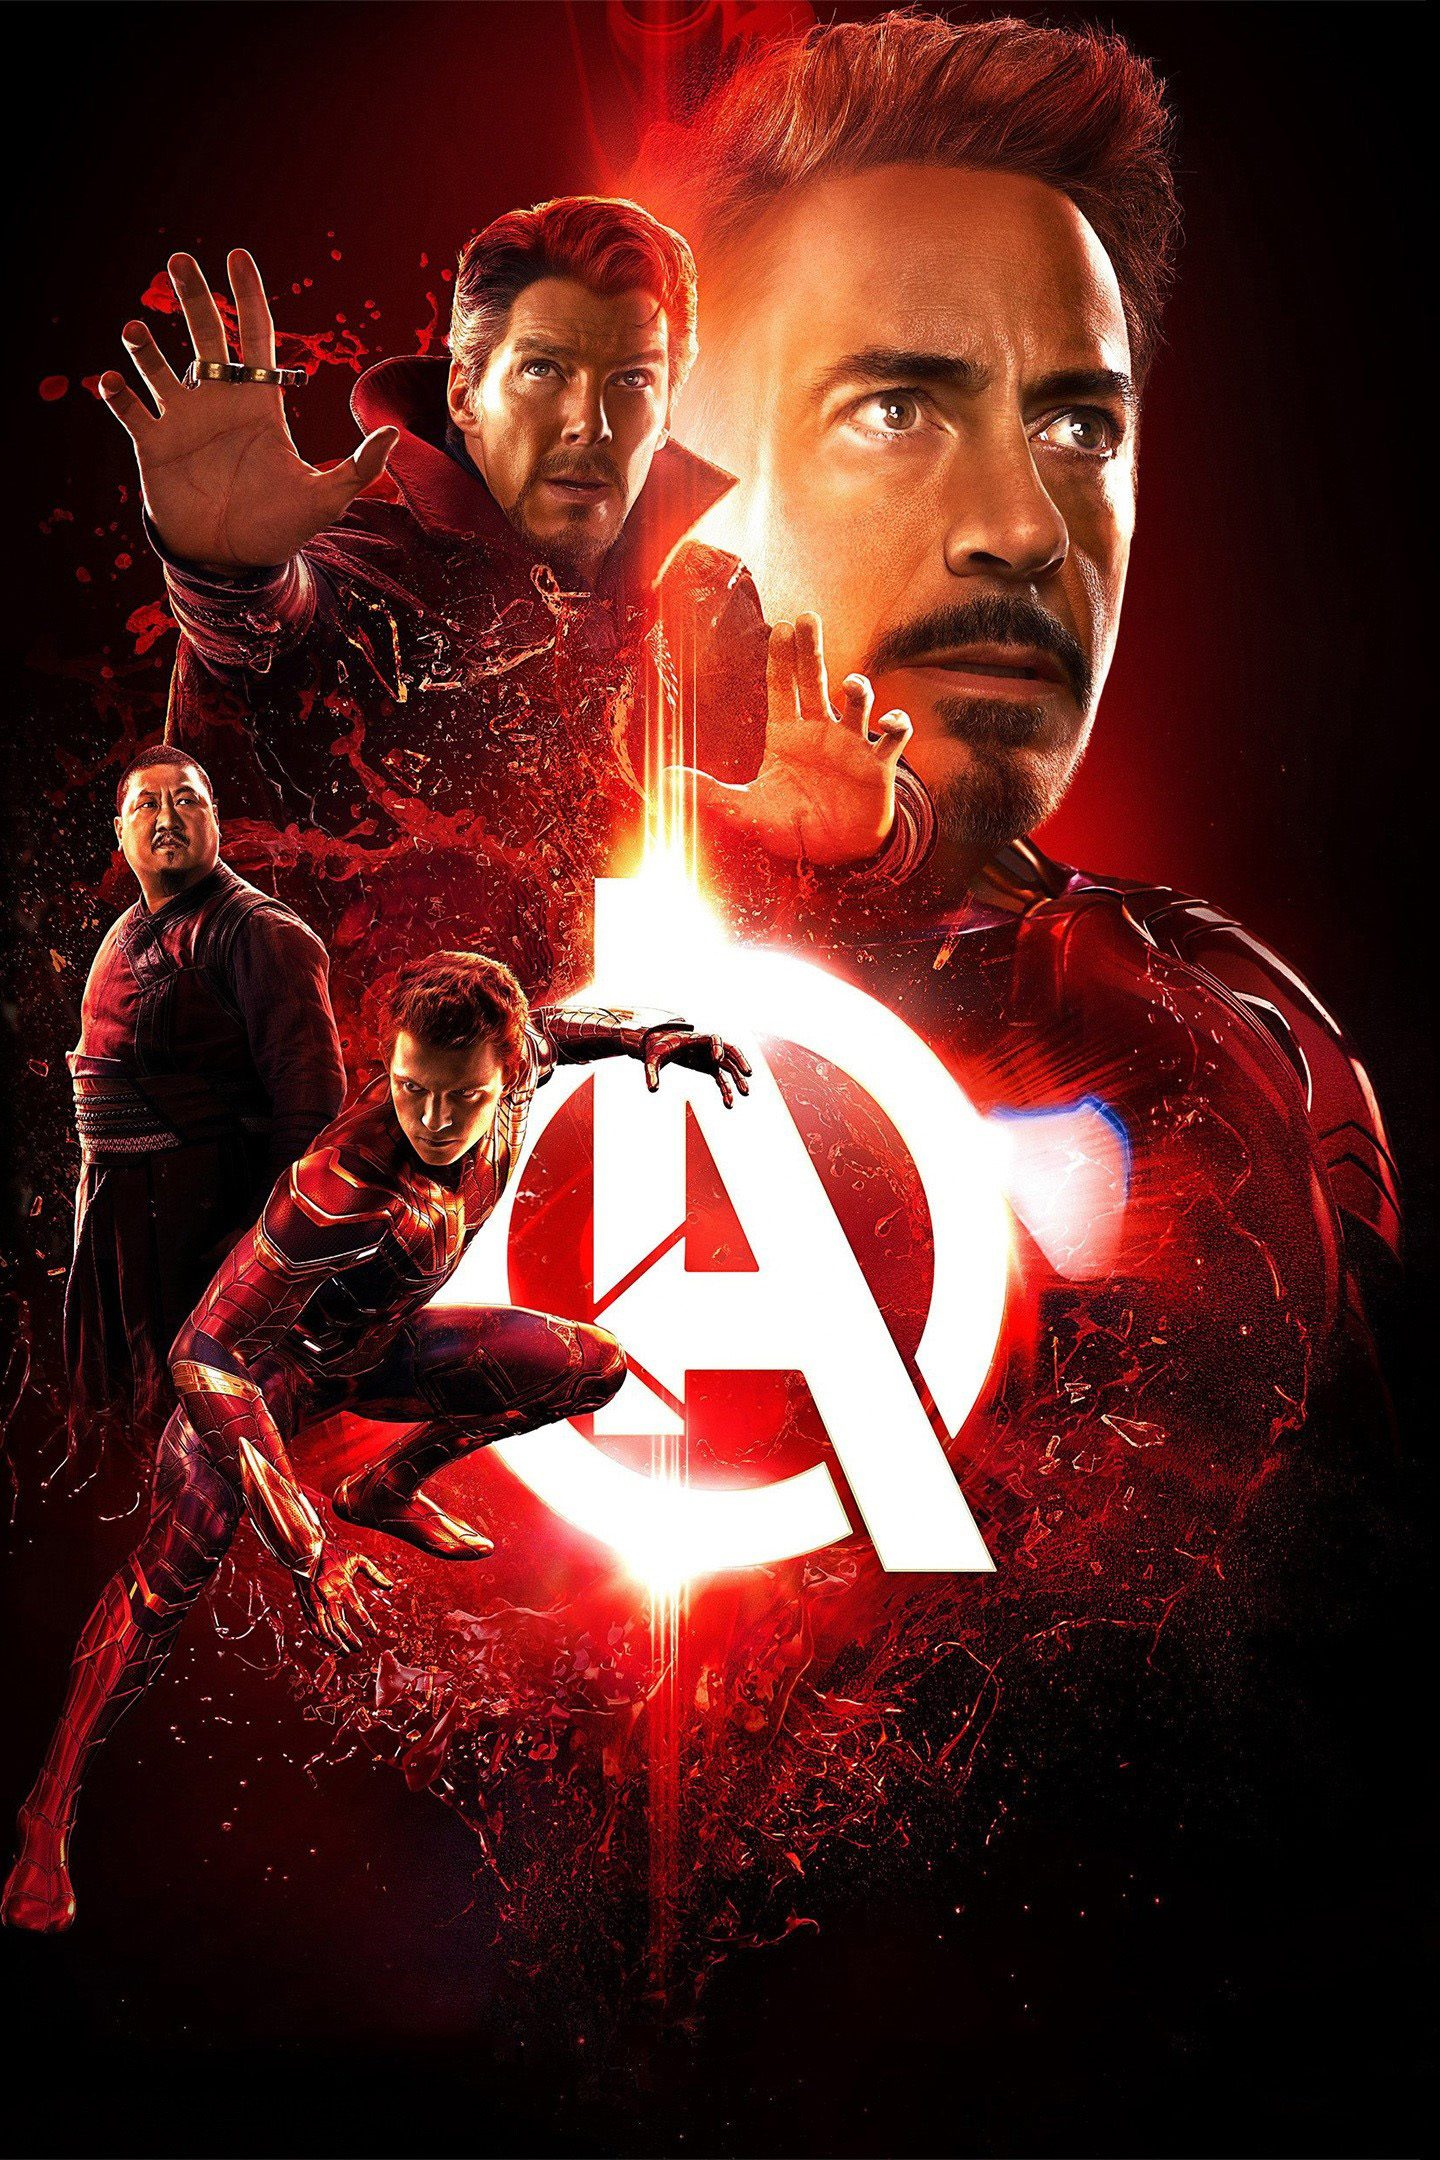 Ironman Avengers Infinity War Poster 4K Wallpaper - Best